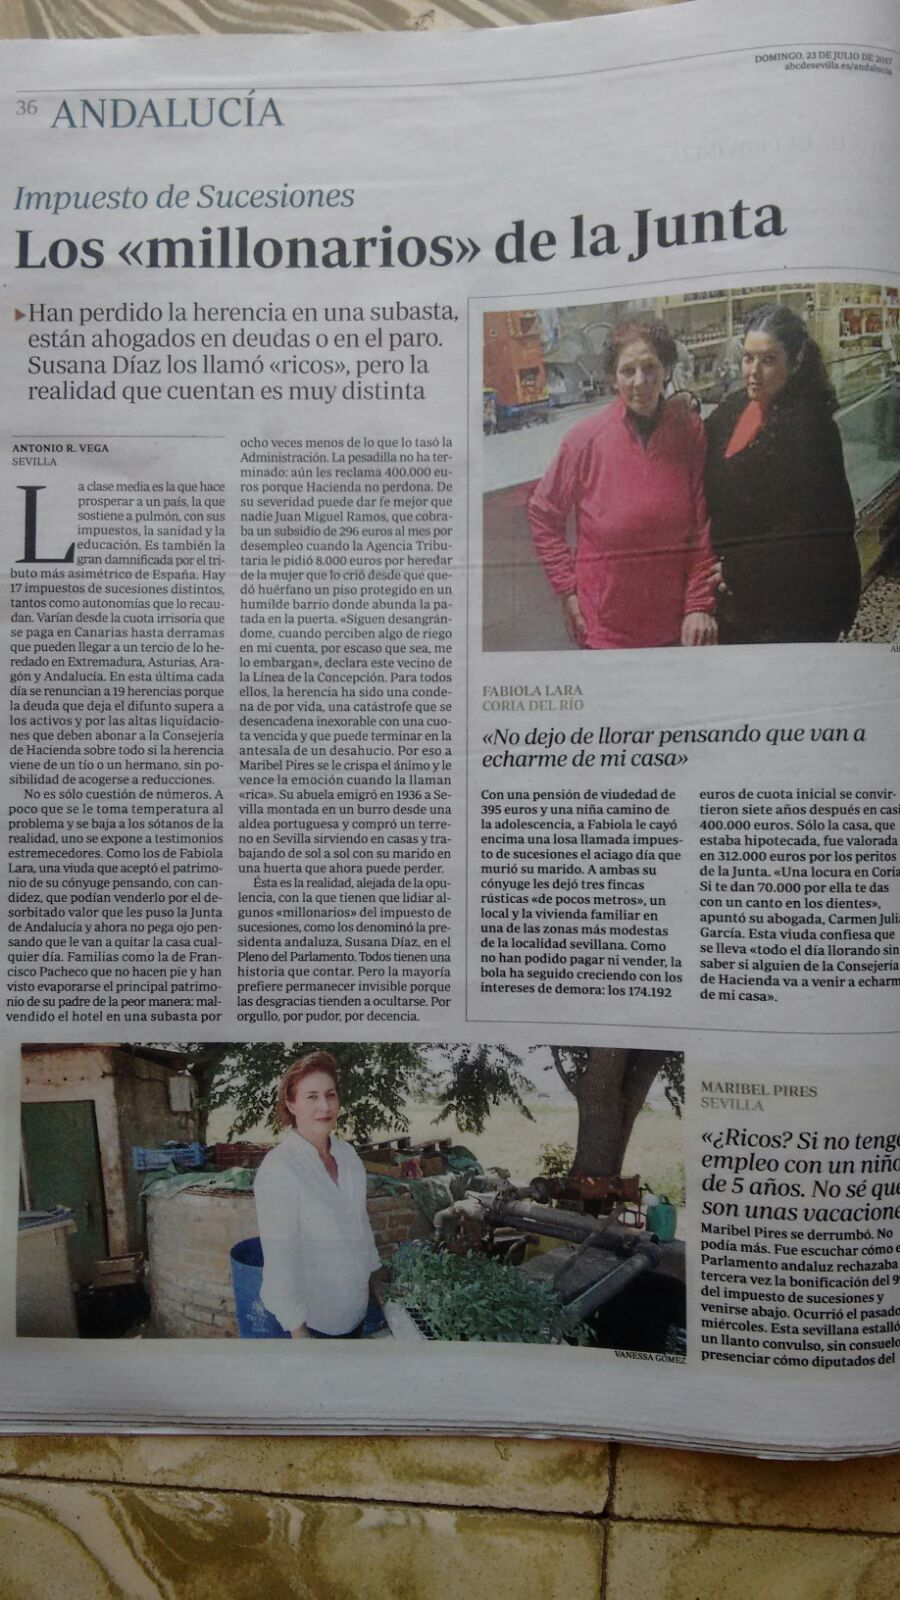 Fuente ABCdeSevilla:http://sevilla.abc.es/andalucia/sevi-cruda-realidad-millonarios-impuesto-sucesiones-andalucia-201707230826_noticia.html